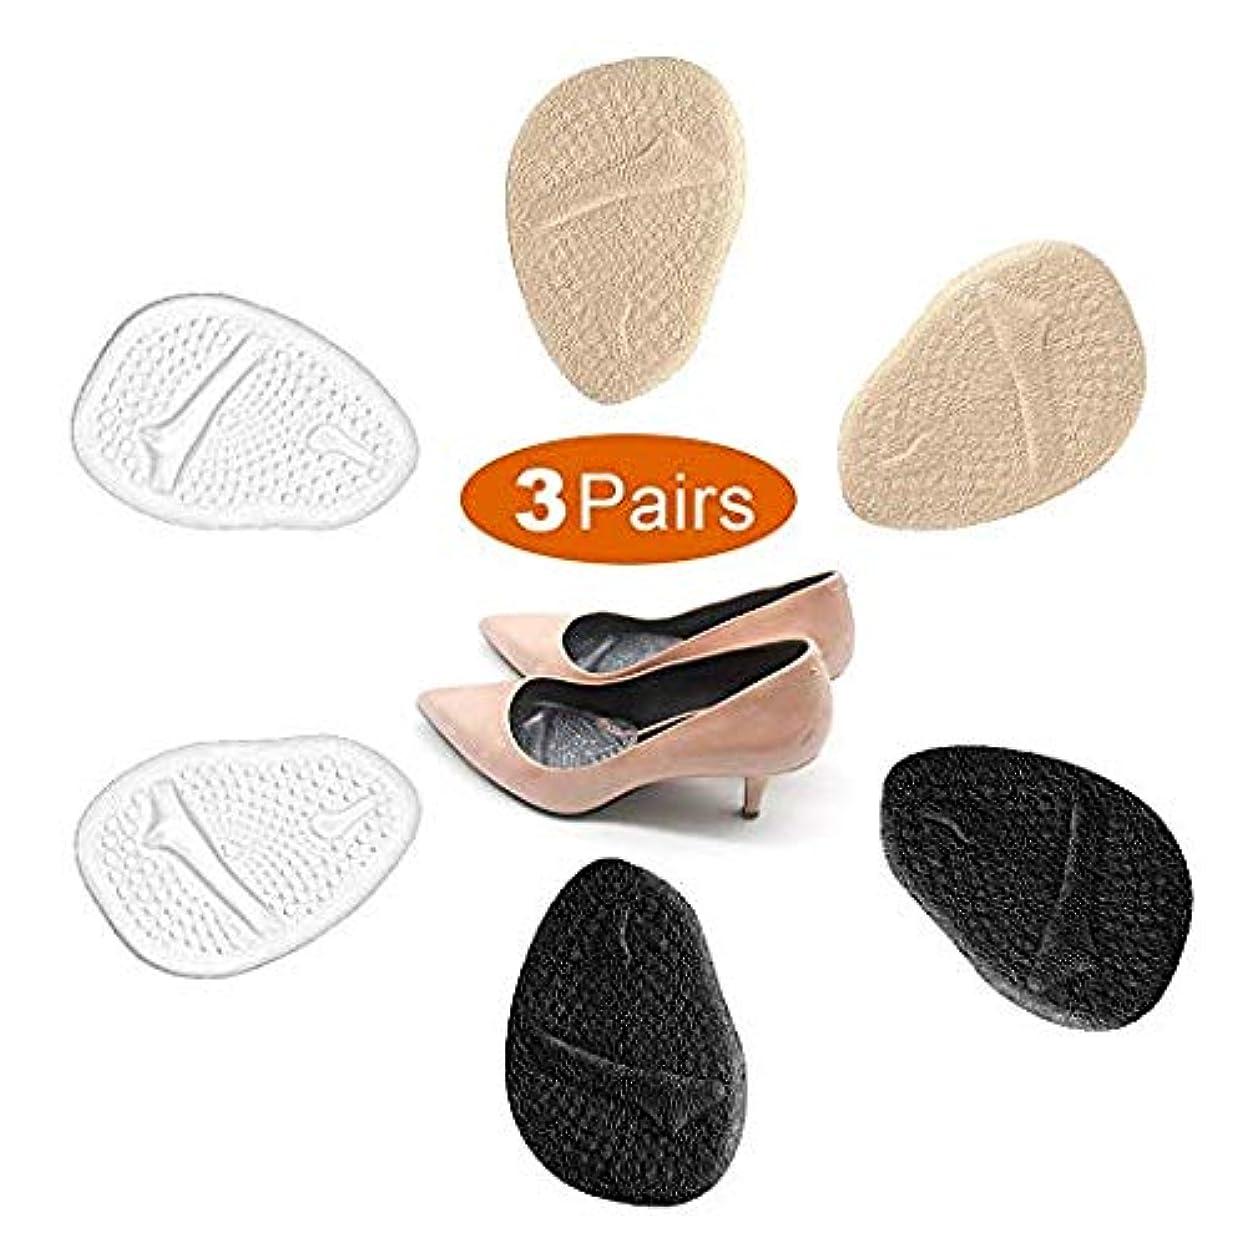 アルファベット研究所火山中足骨パッド| 女性の中足骨パッド| ボールオブフットクッション(3ペアフットパッド)終日痛みを軽減し、快適なワンサイズの女性用シューズインサート